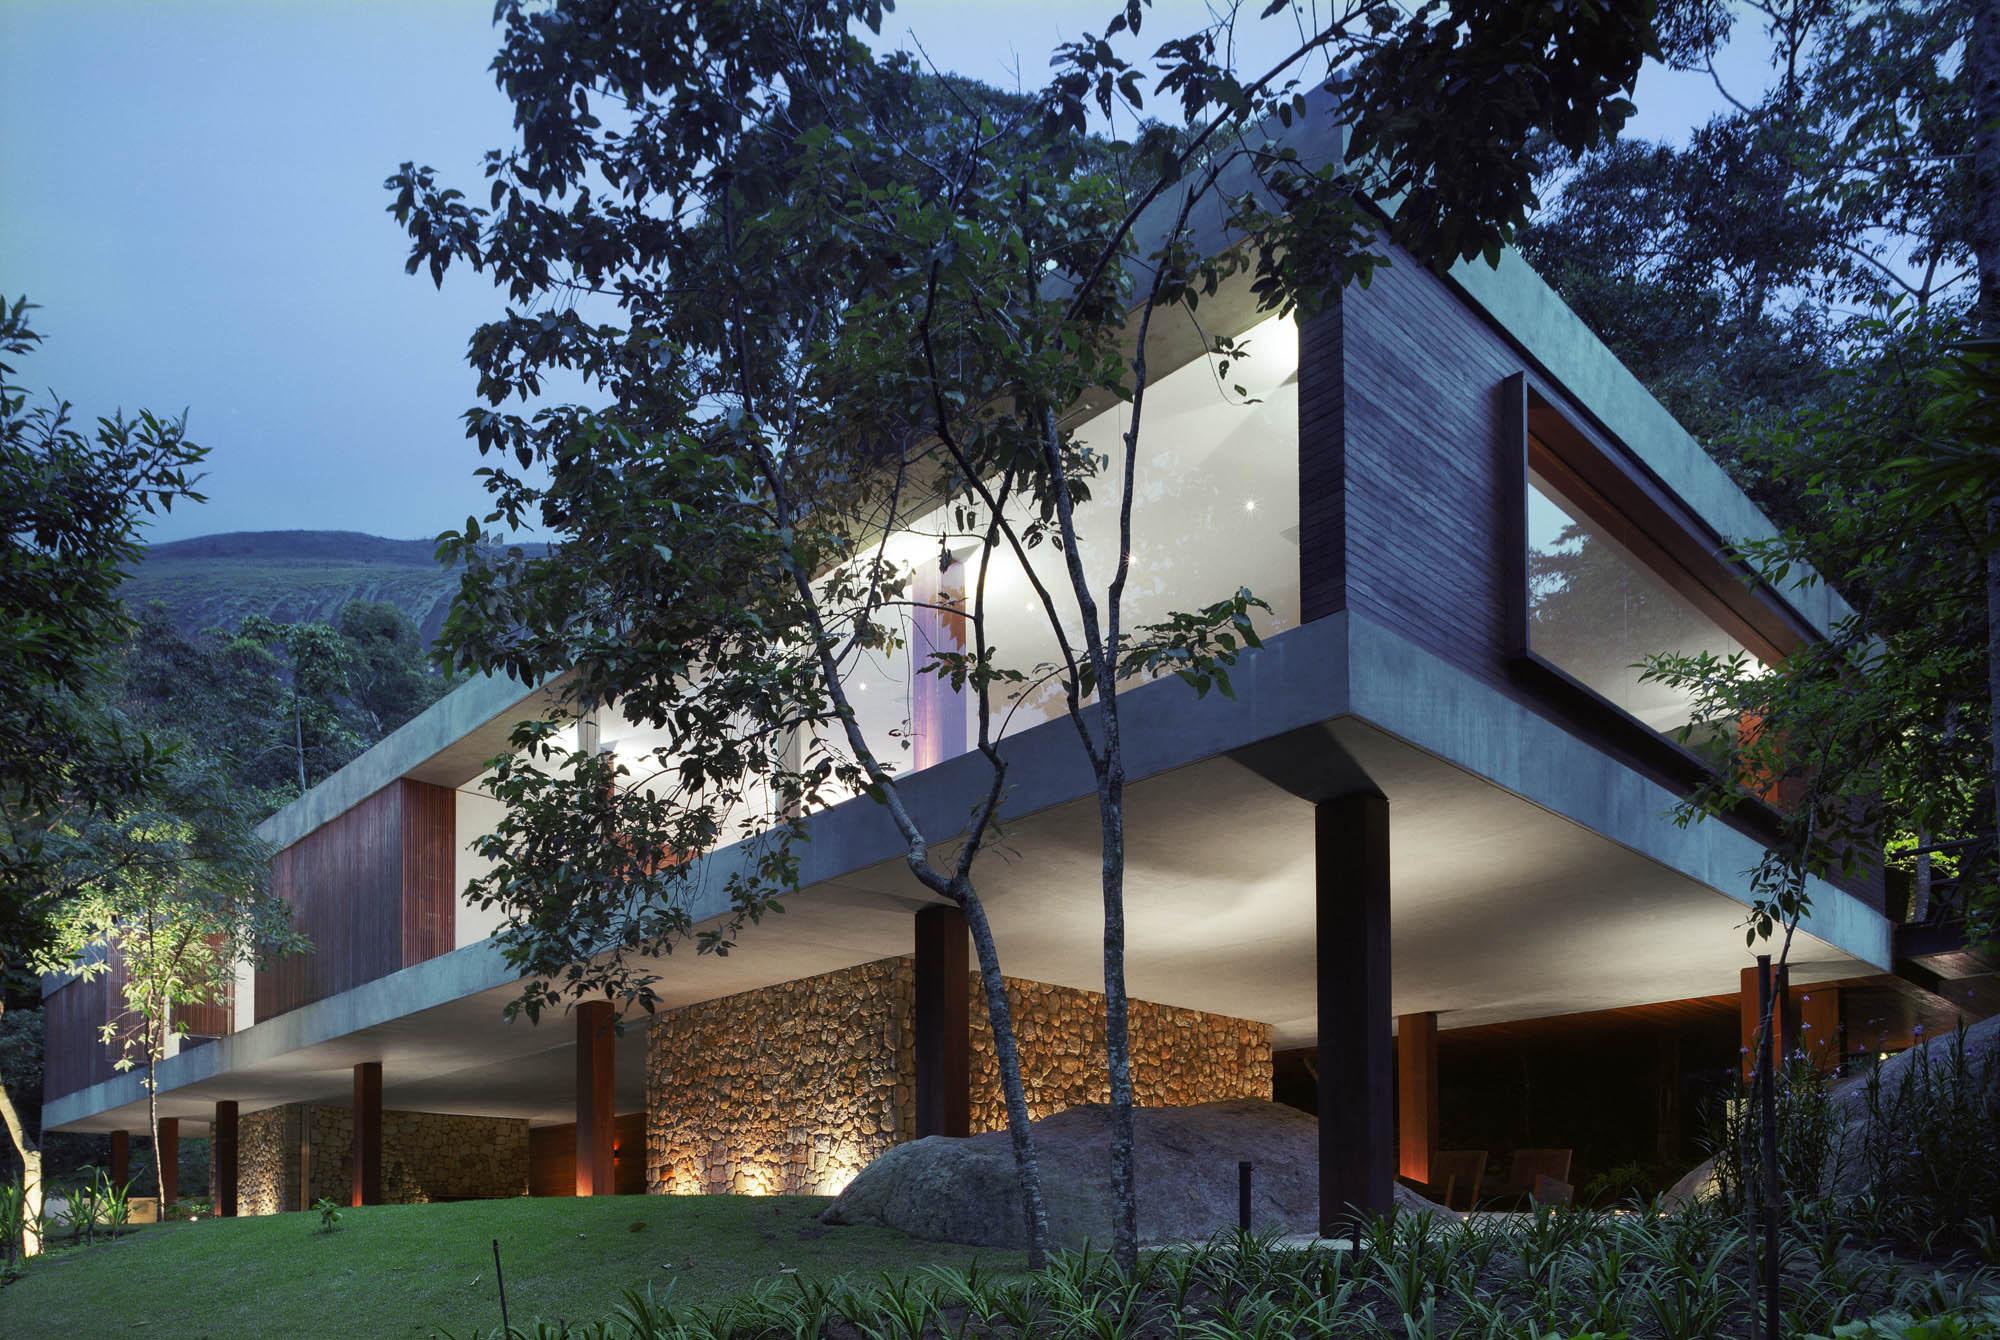 Br house marcio kogan archdaily for Modern house on stilts